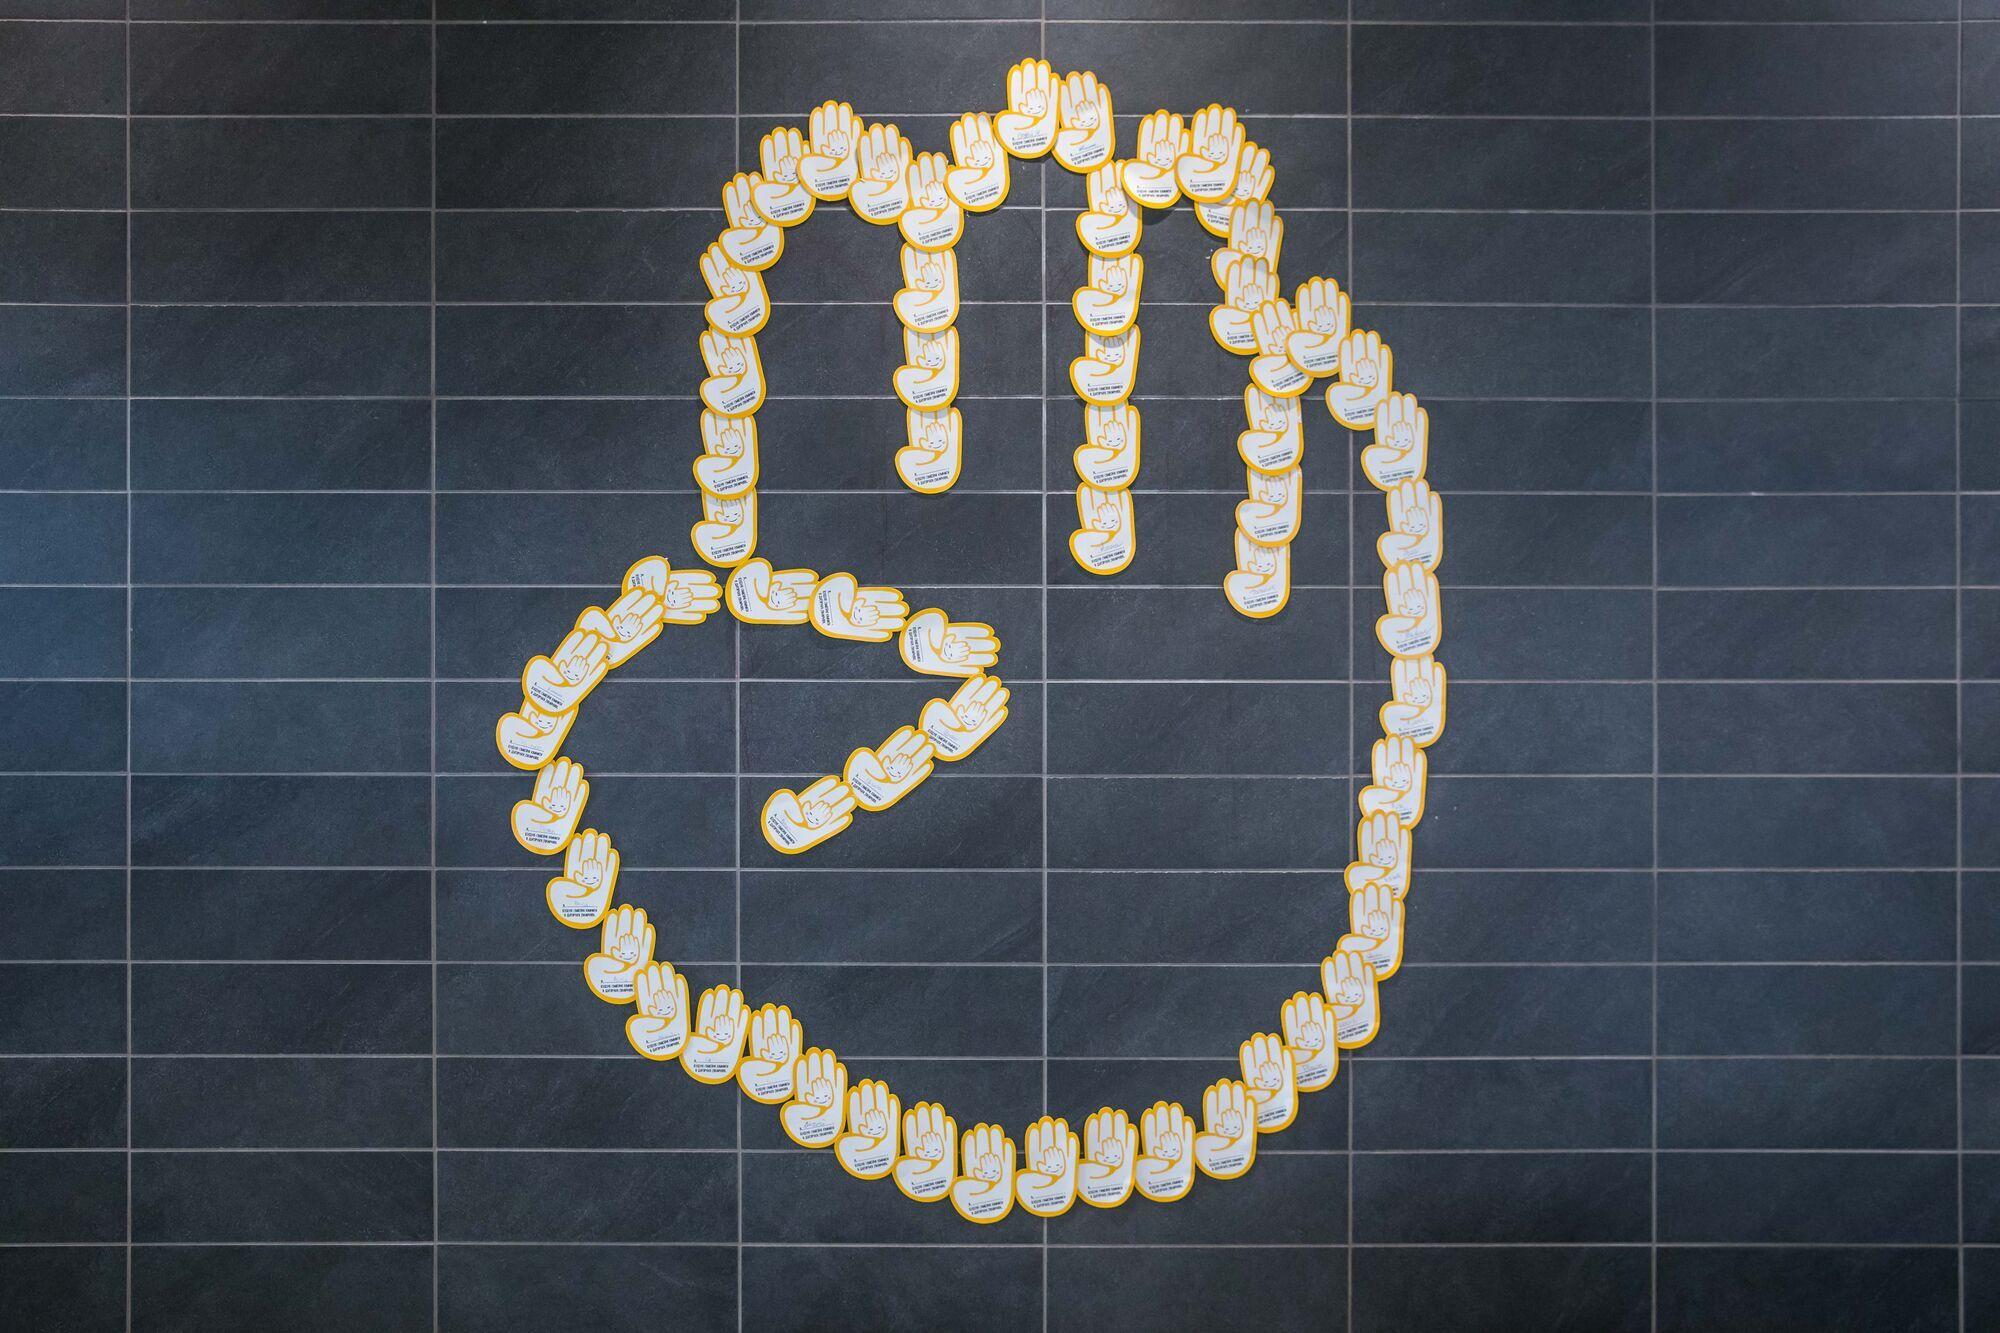 Желто-белая бумажная ладошка празднует юбилей – 20 лет